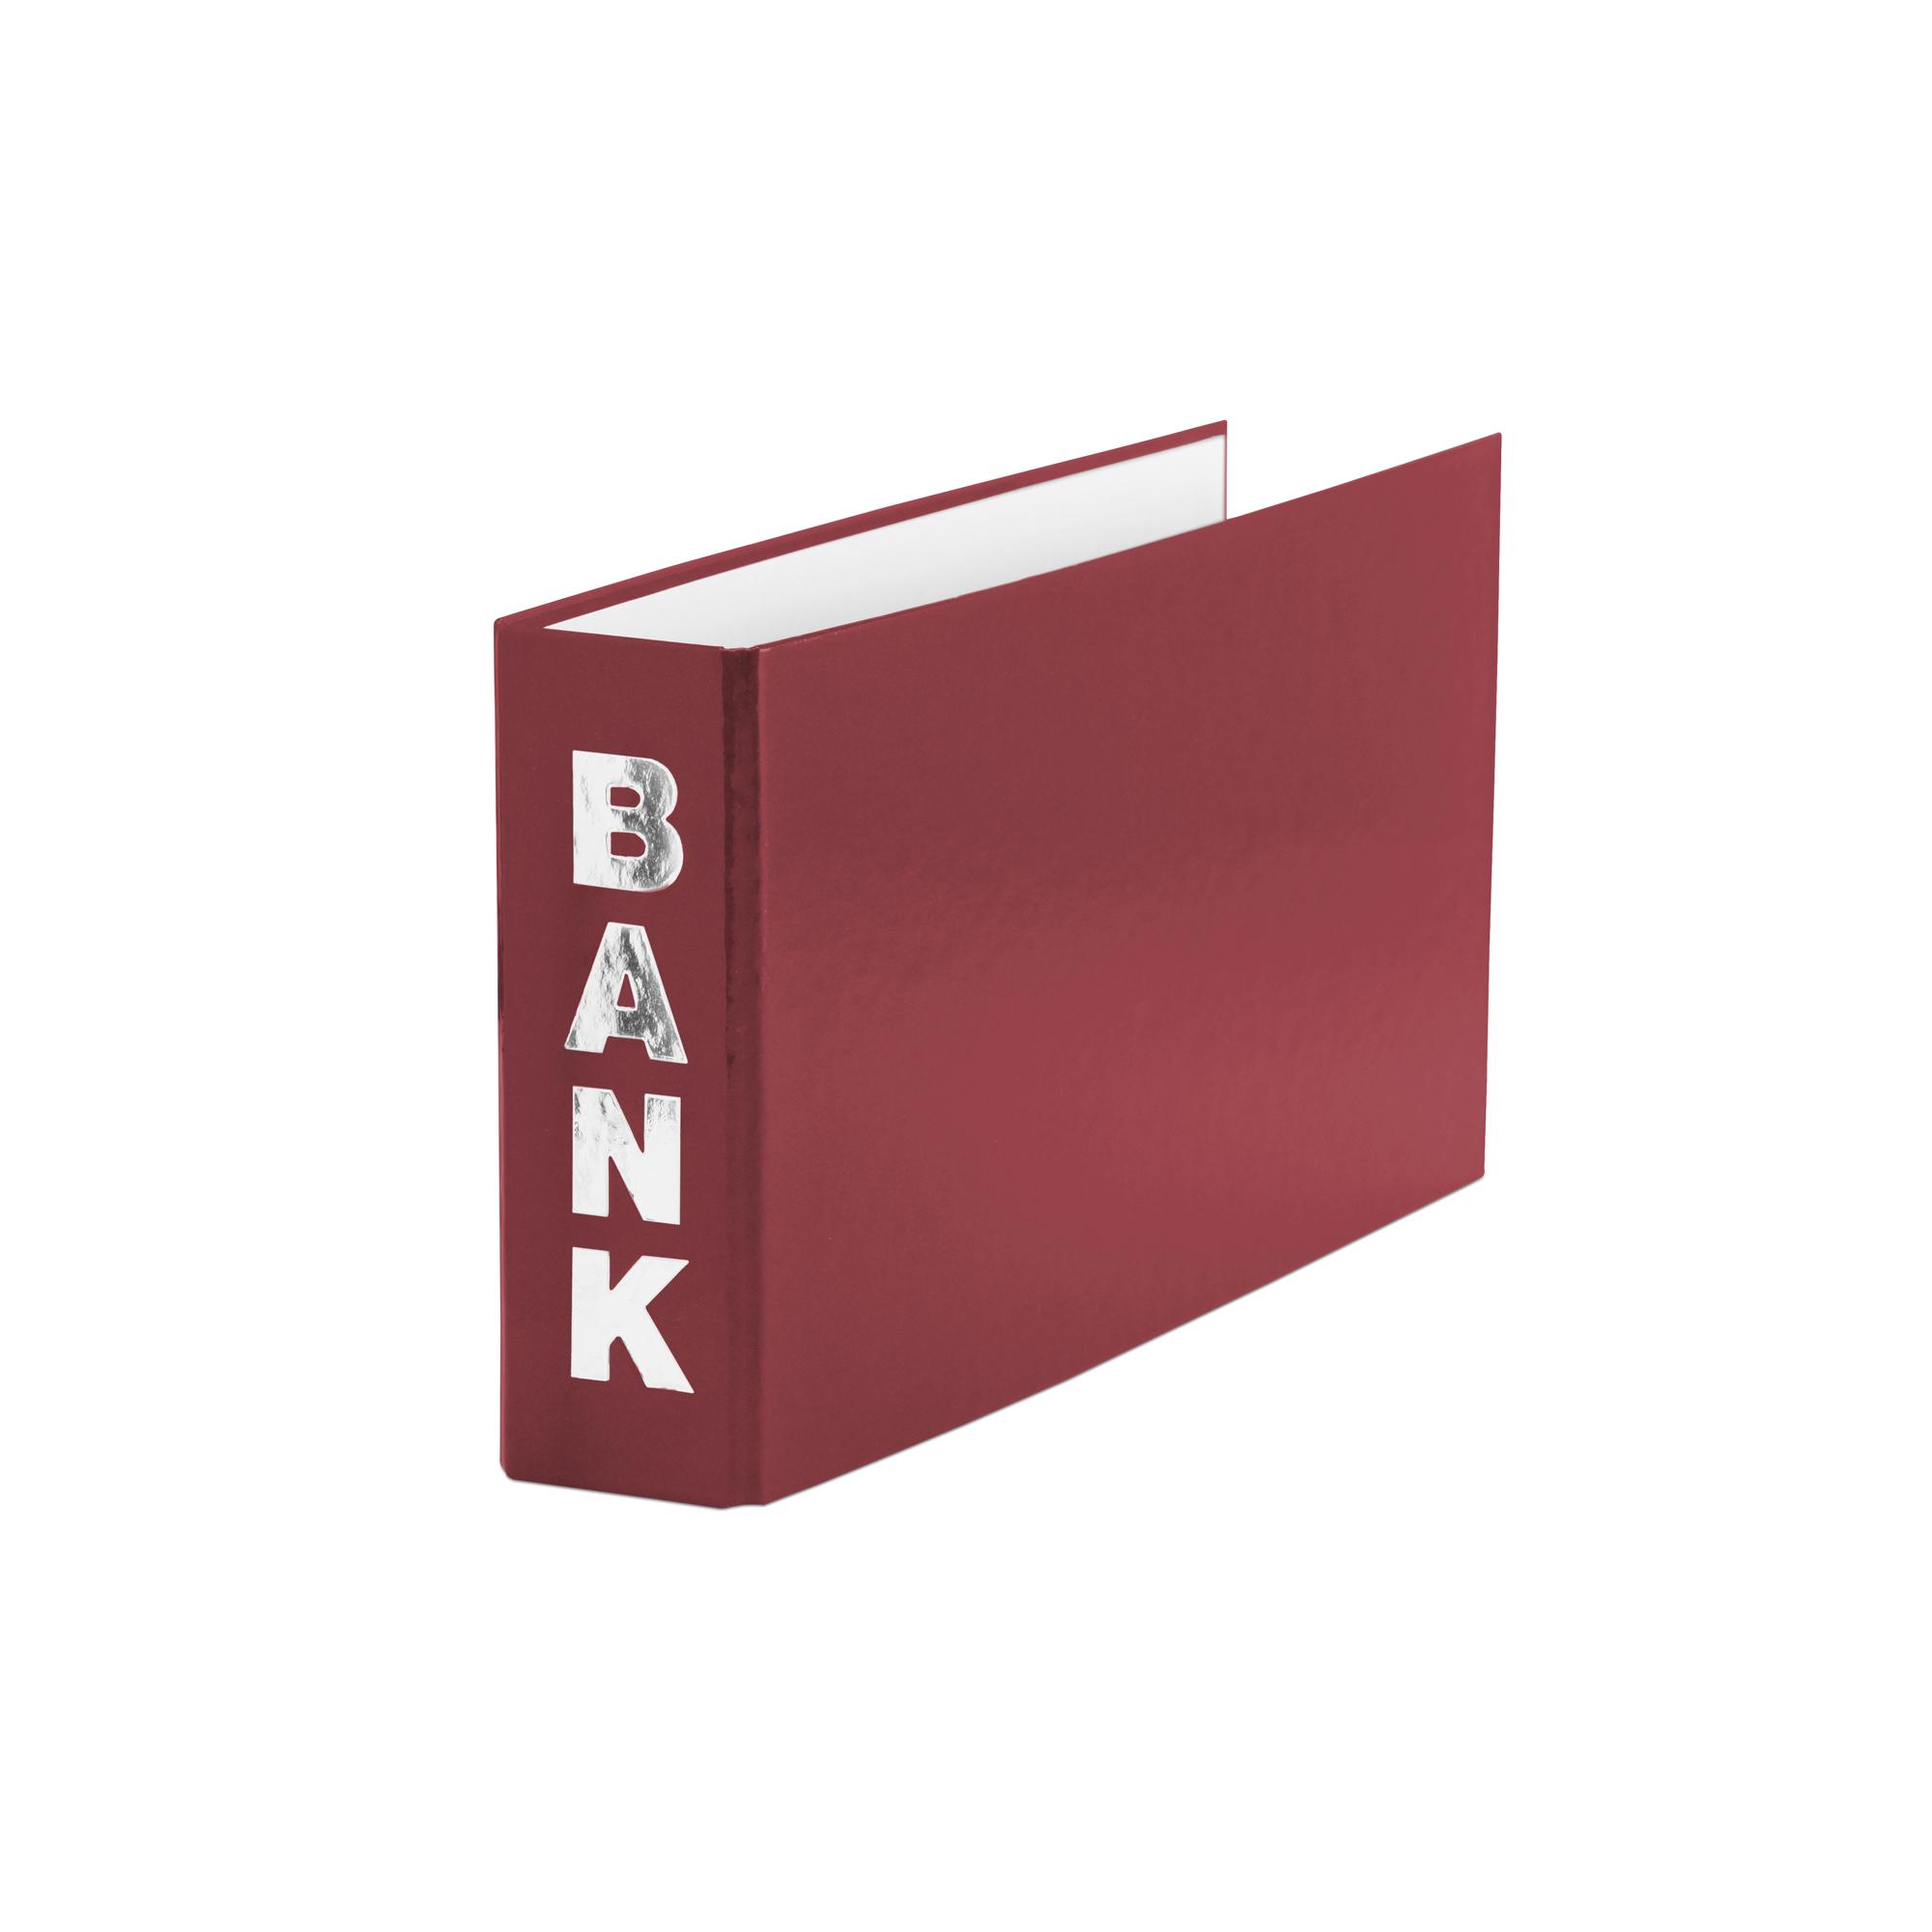 rot für Kontoauszüge 140x250mm 3 Bankordner Farbe